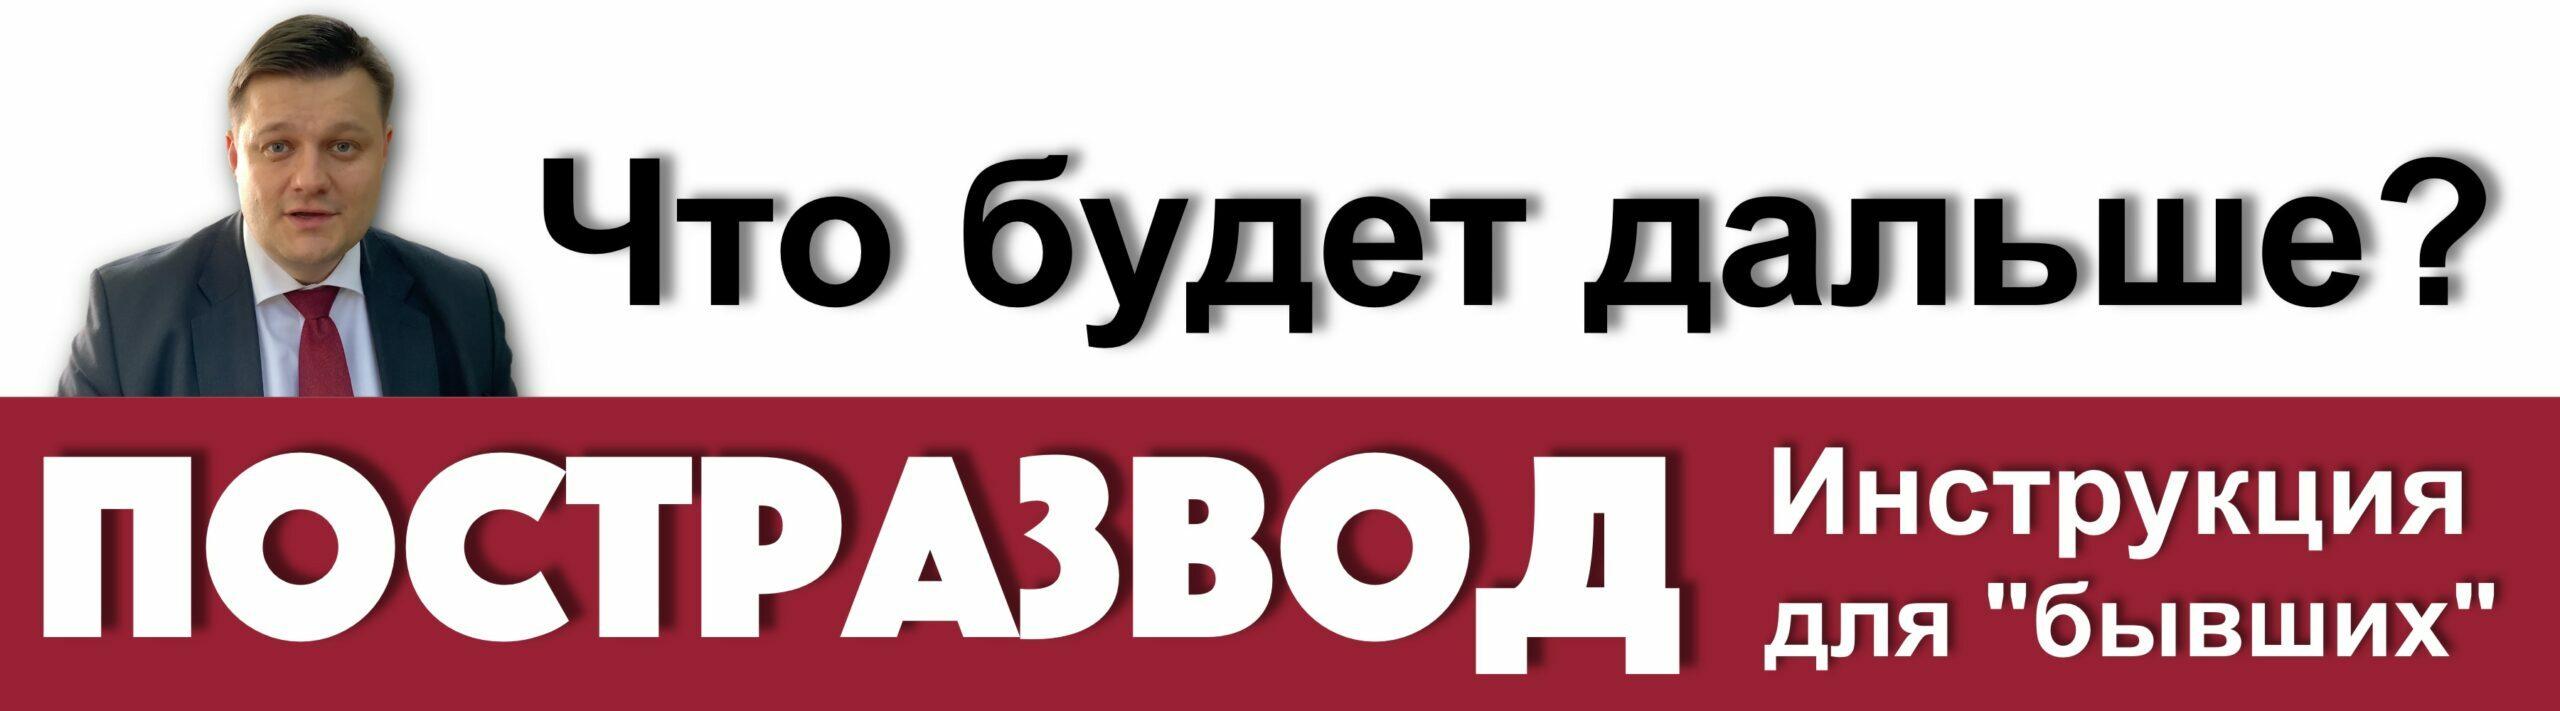 Как оформить развод по правилам российского законодательства?